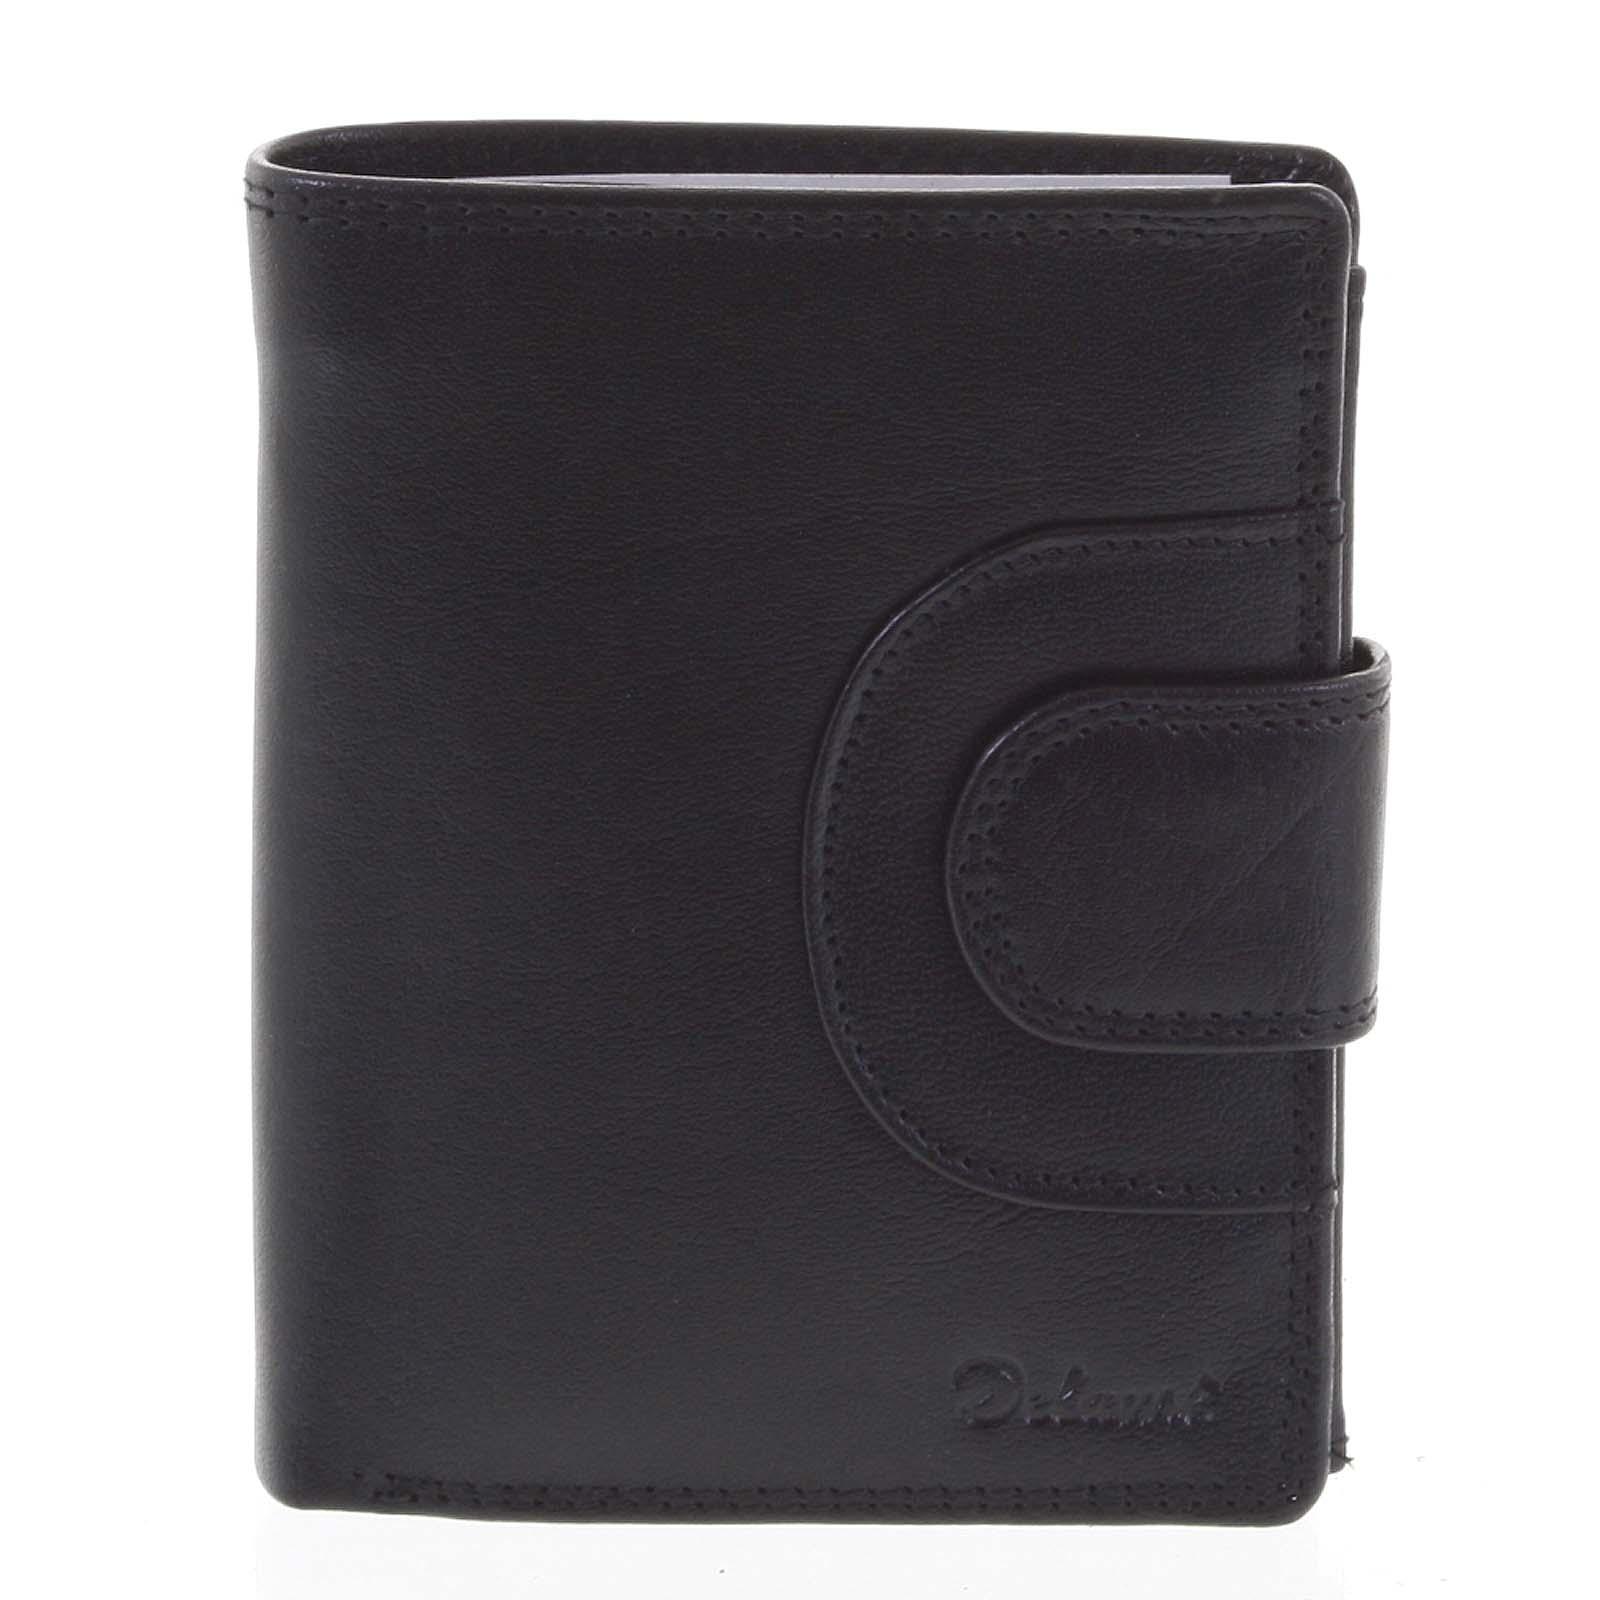 Pánská kožená peněženka černá - Delami Armando